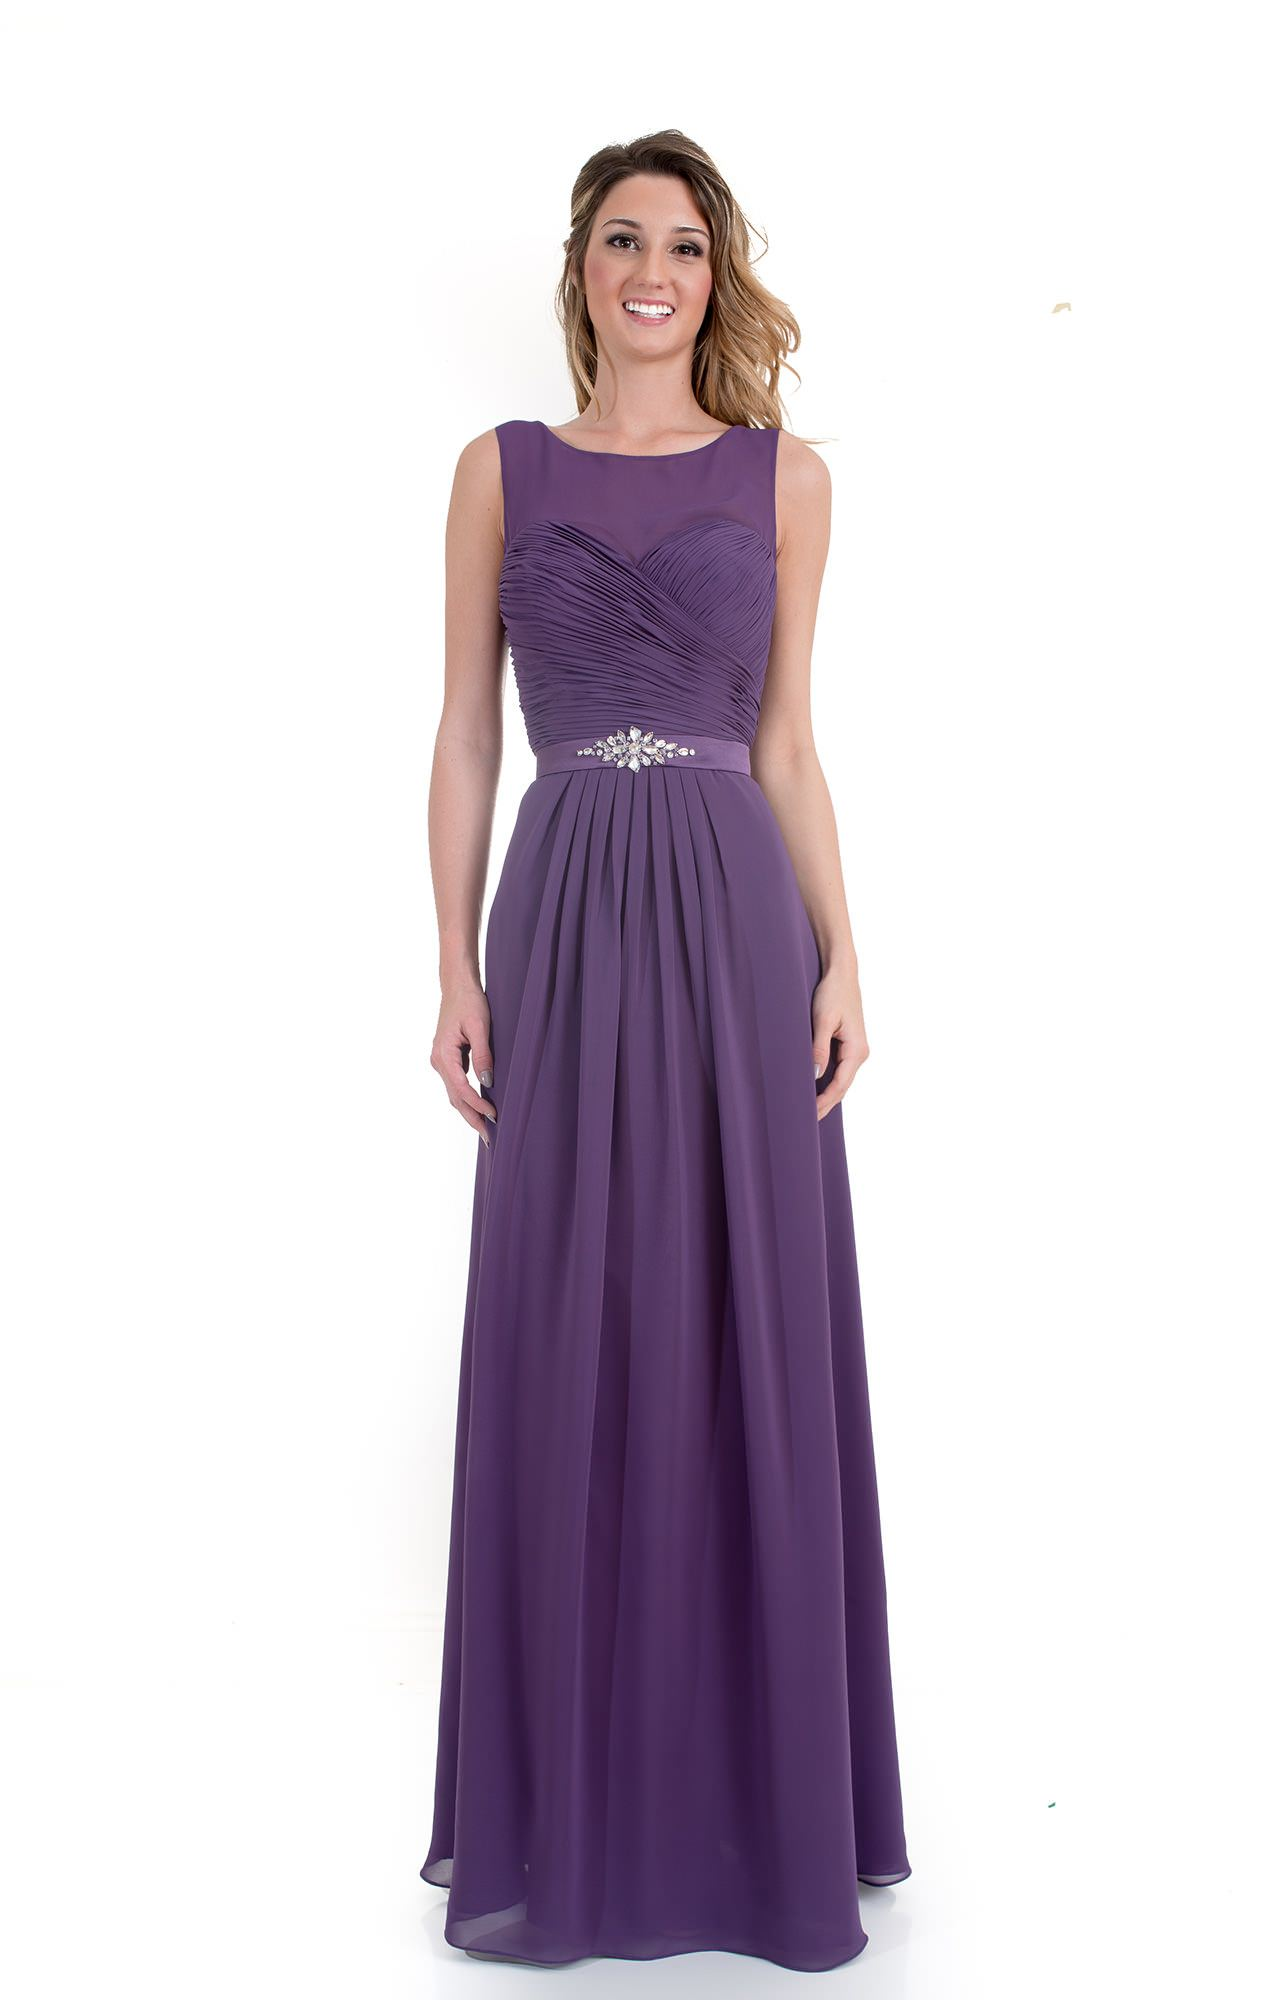 Kanali K 1694 - A-Line Ruched Chiffon Dress